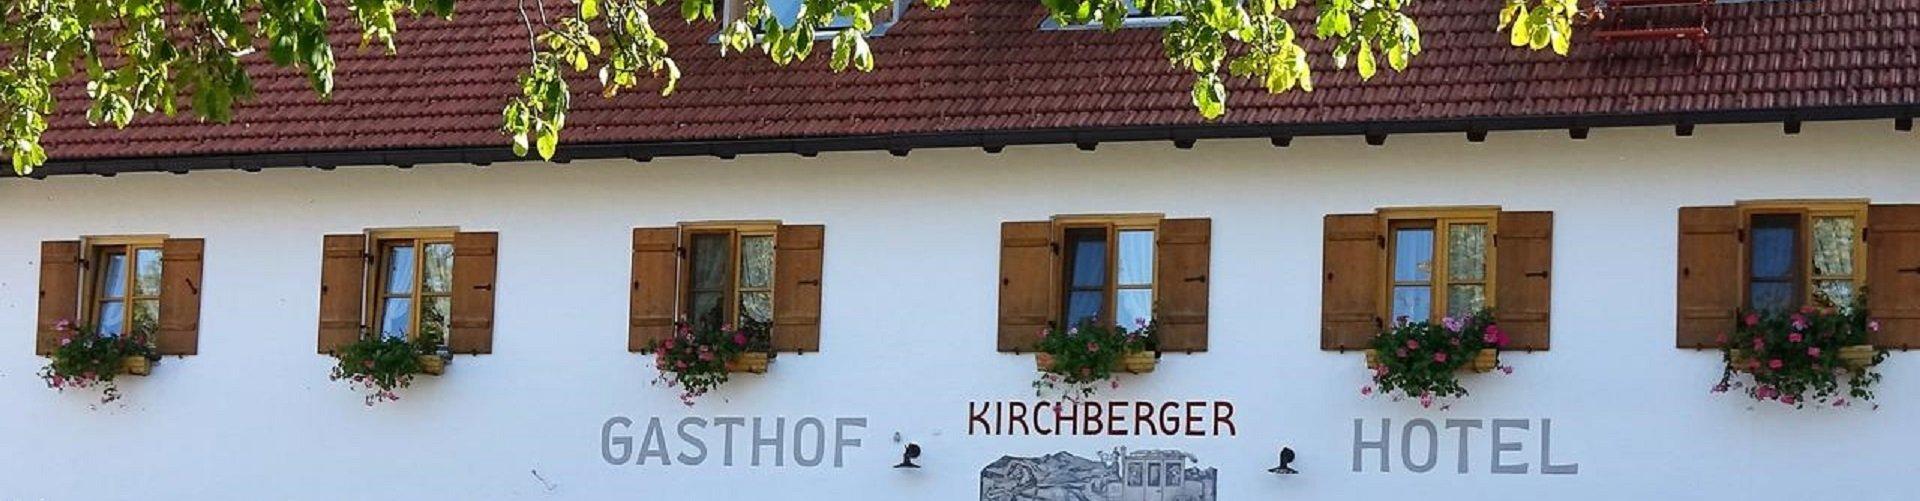 Bannerfoto Landhotel Kirchberger